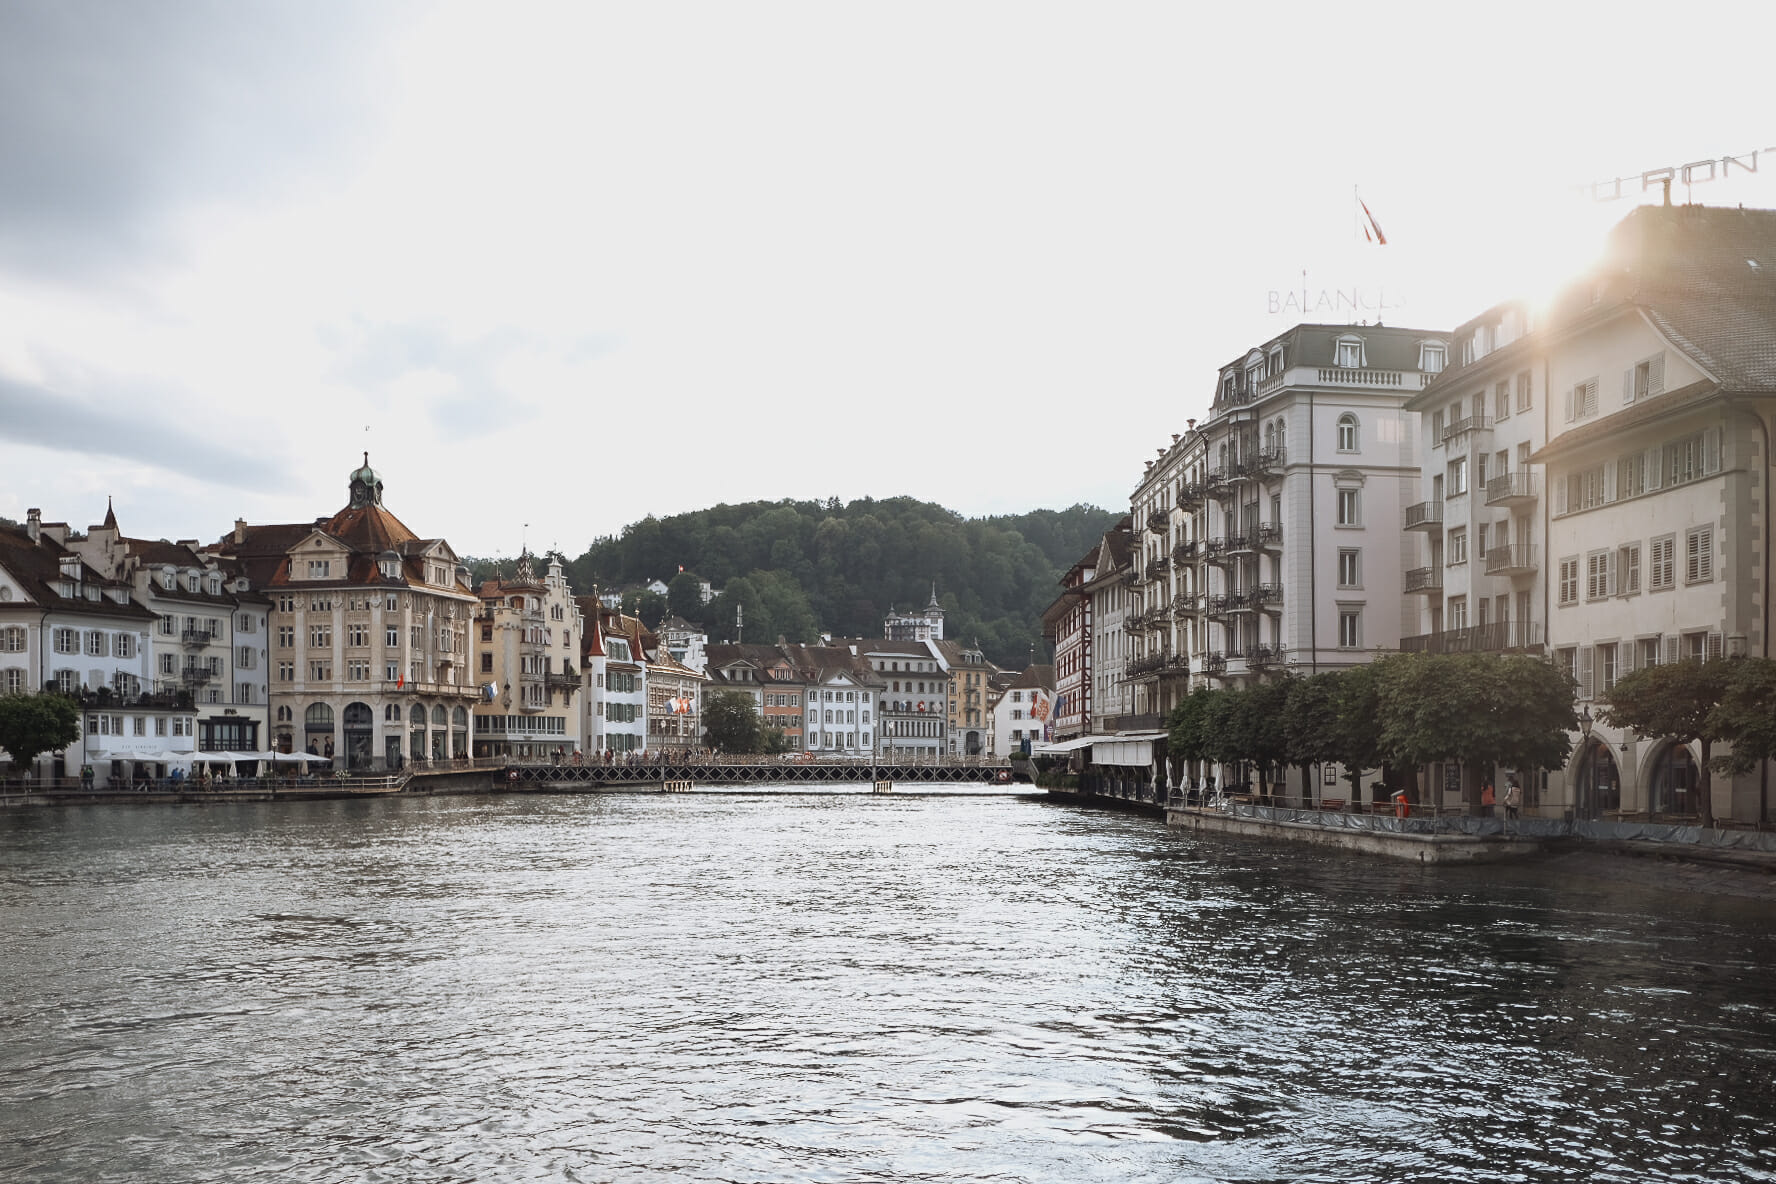 riviere-de-la-reuss-dans-ville-de-lucerne